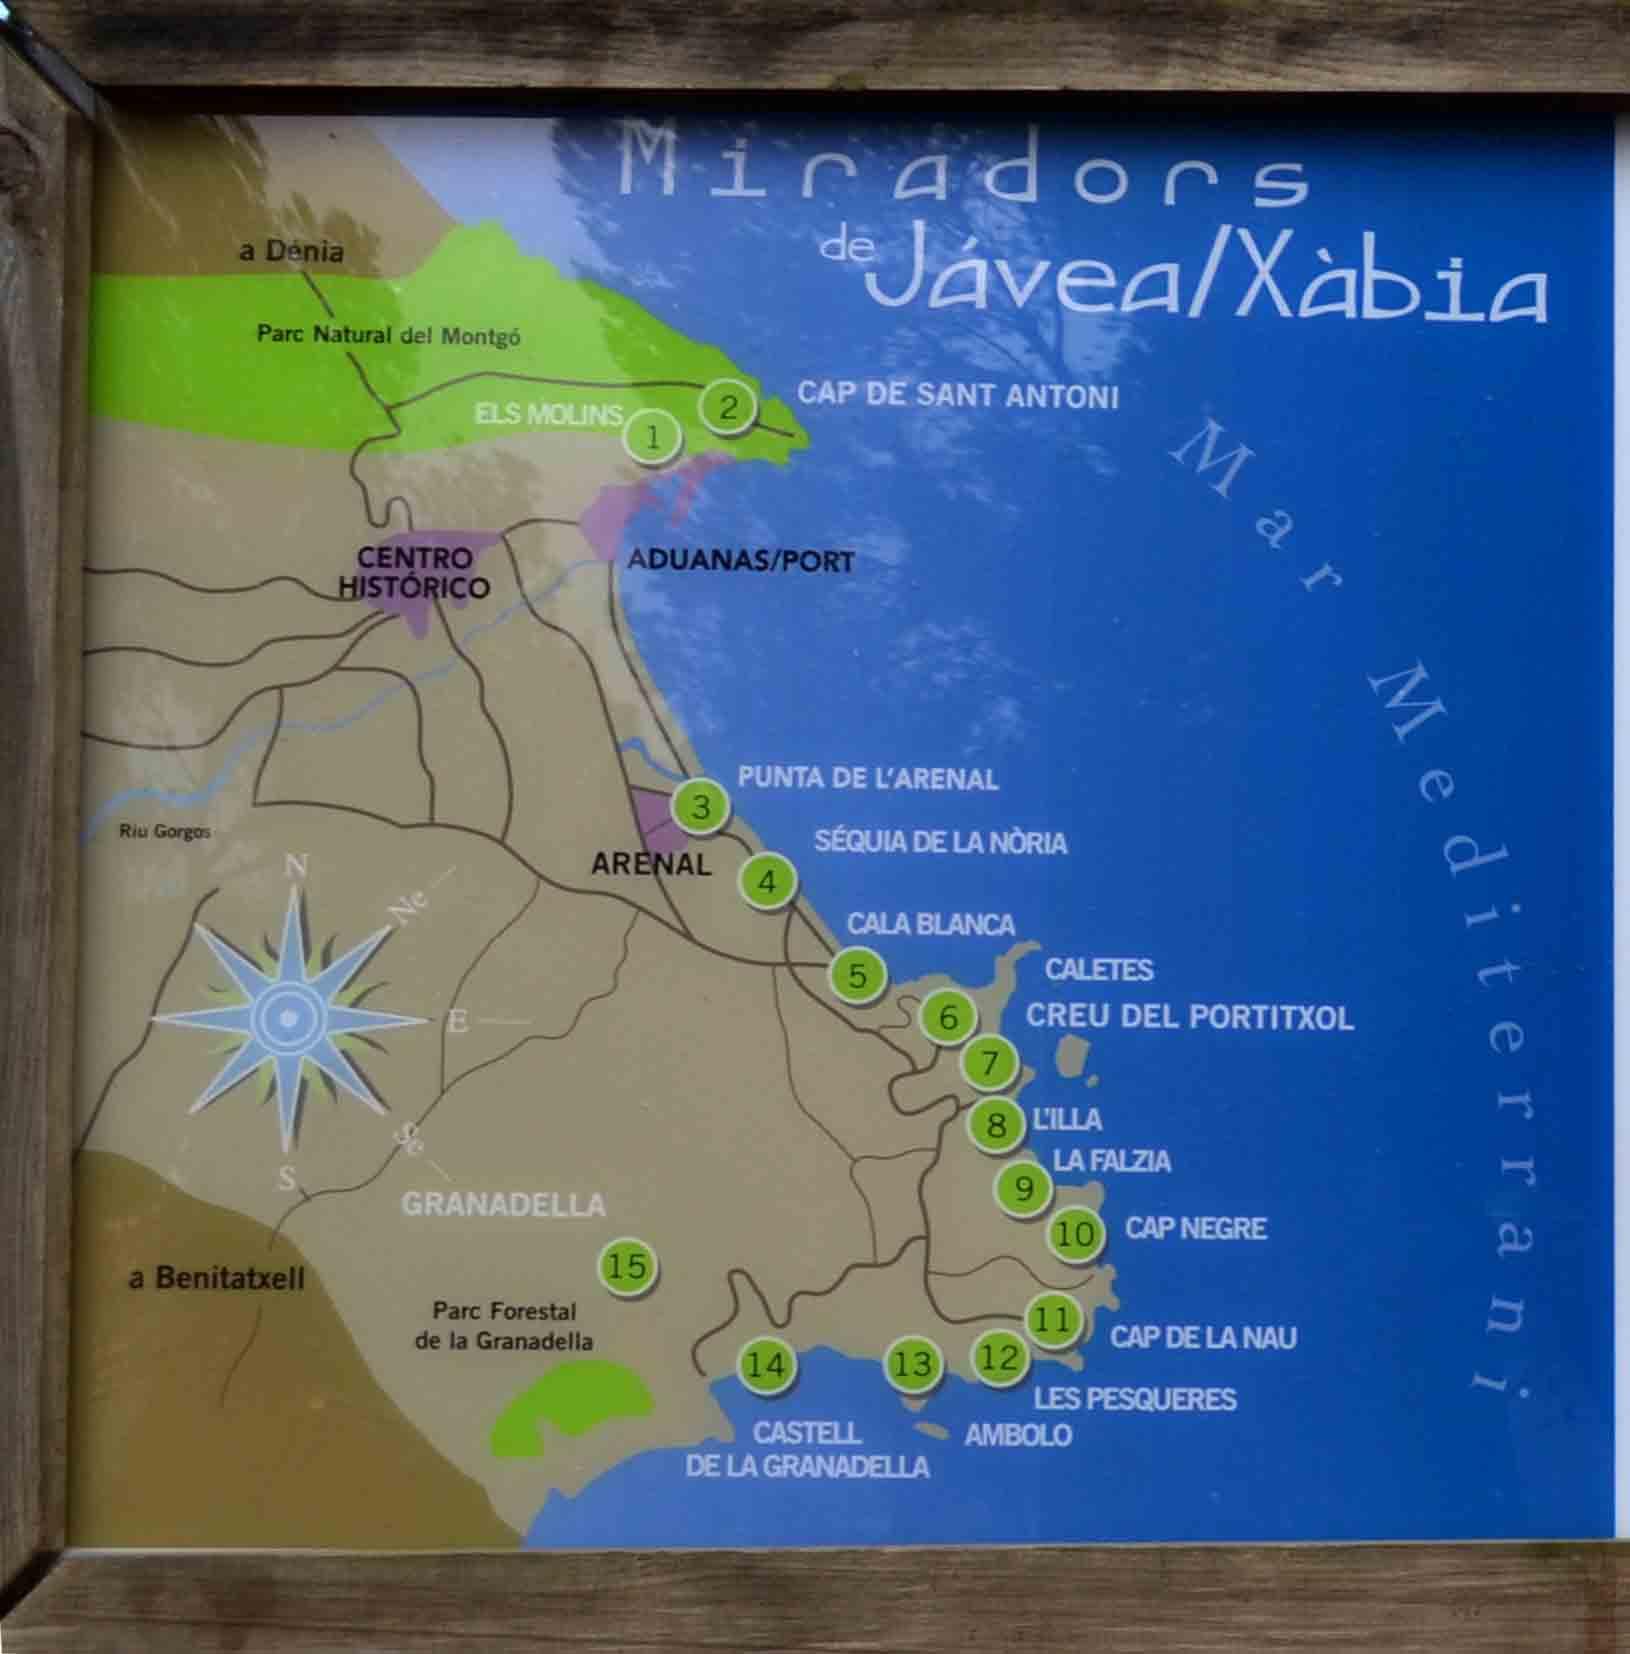 Mapa Miradores De Javea Xabia Descubriendo Alicantedescubriendo